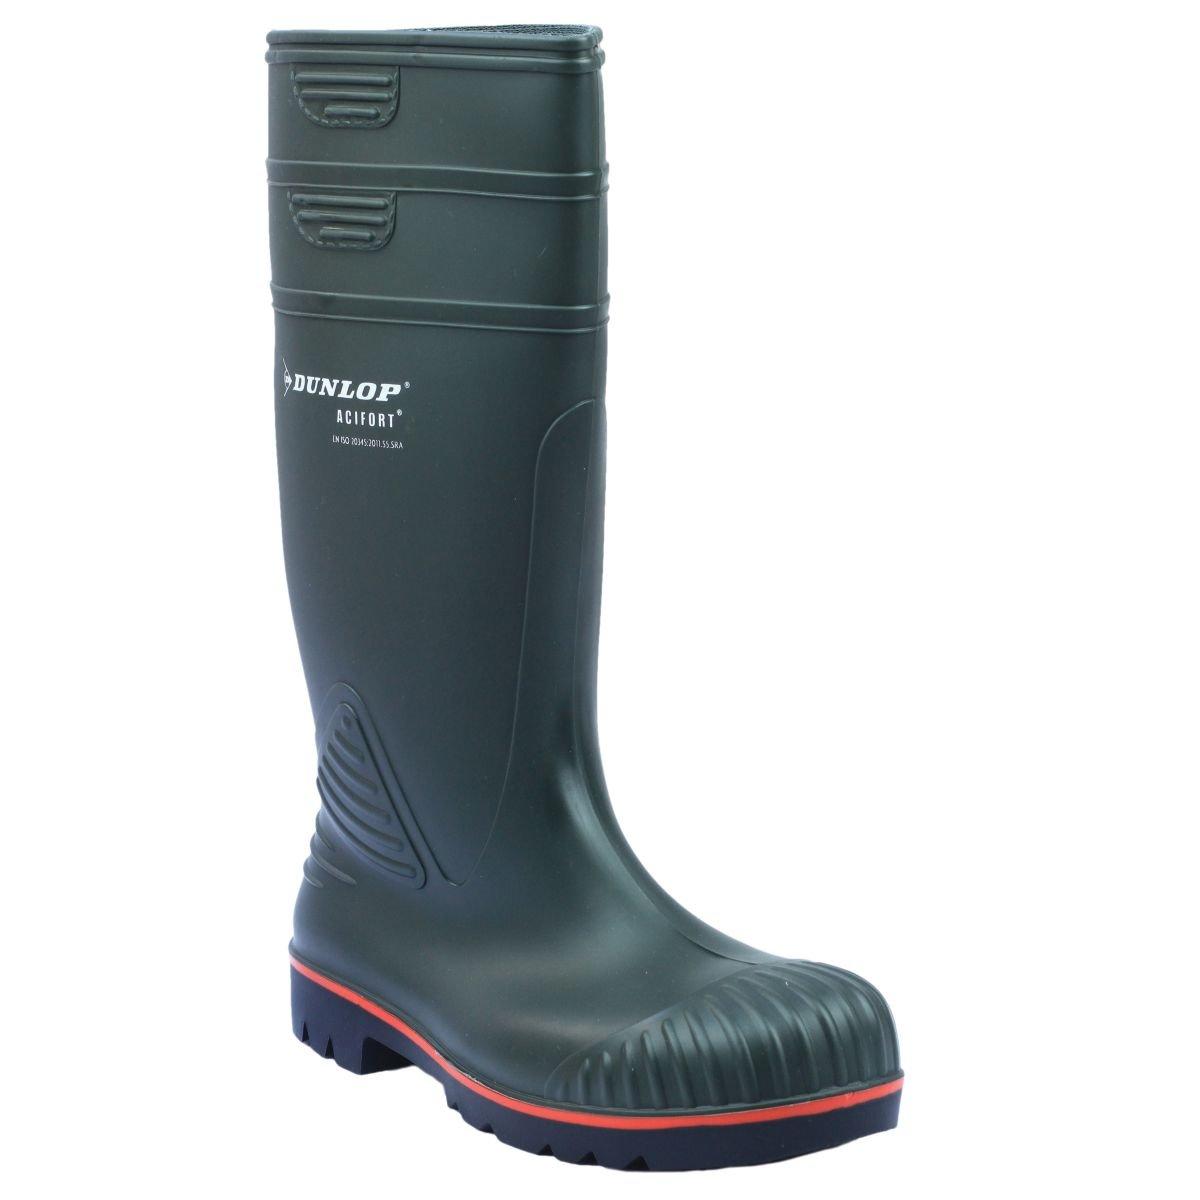 Dunlop Acifort A442631 Heavy Duty Sicherheit Gummistiefel grün Größe 8